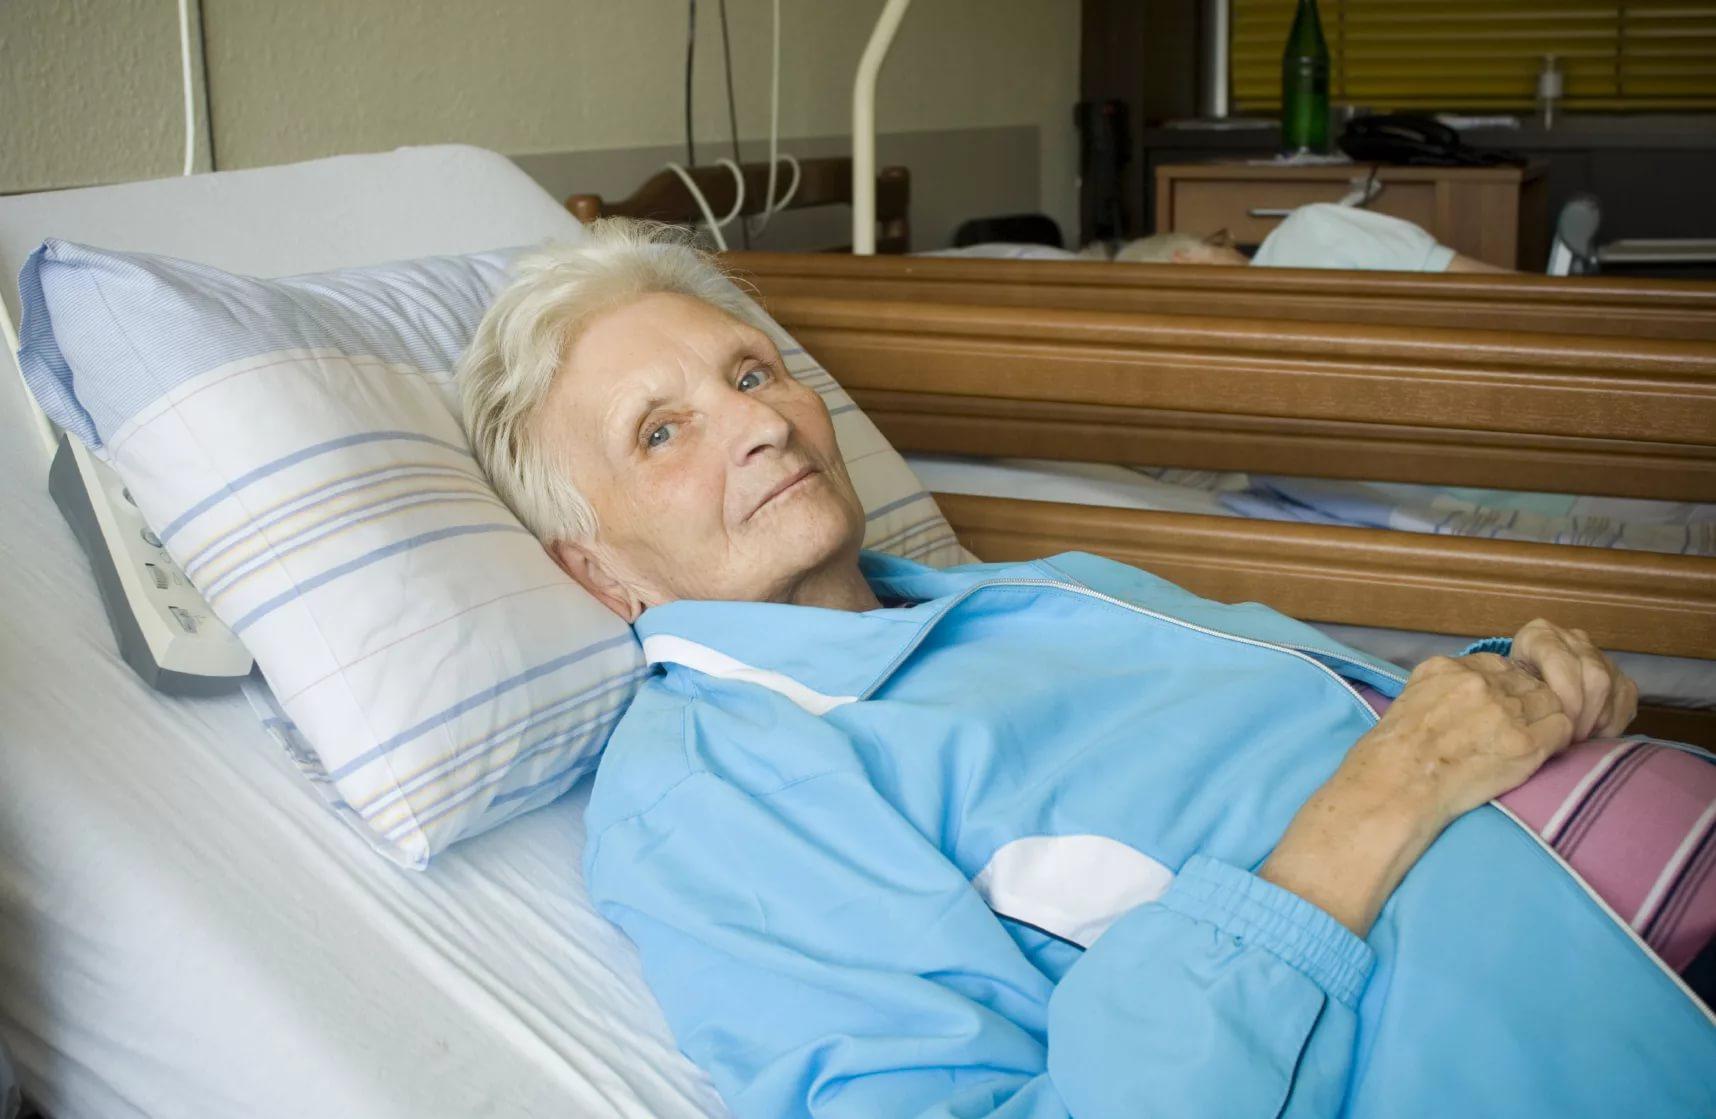 Чем лечить пролежни у лежачих больных в домашних условиях?